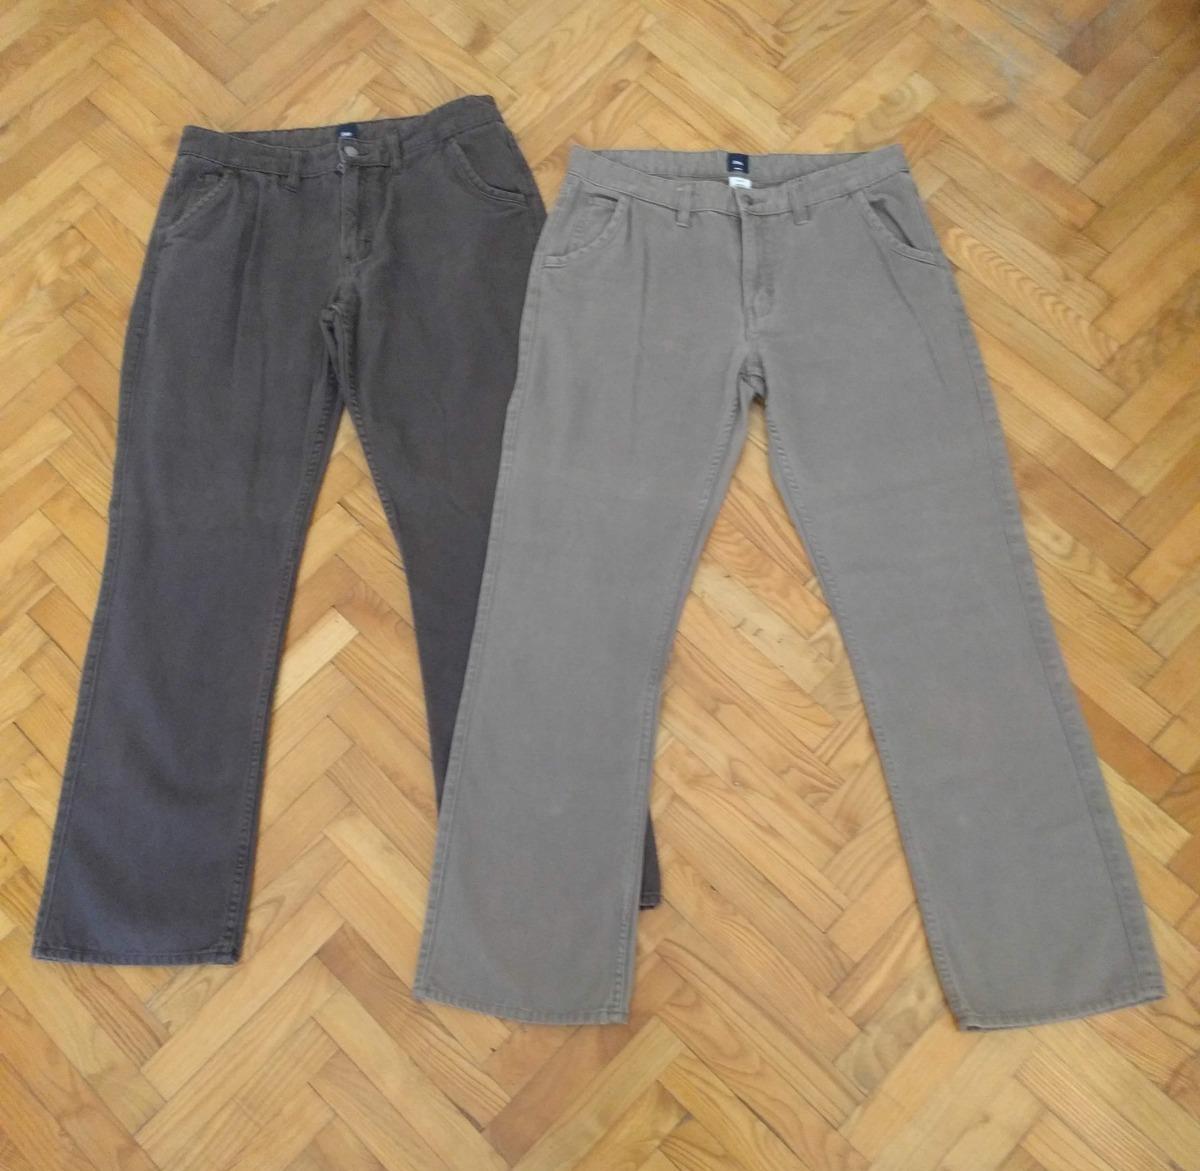 Para 2 Vestir De En 00 Gap Hombre Lote Mercado Pantalones 850 xnpICqW